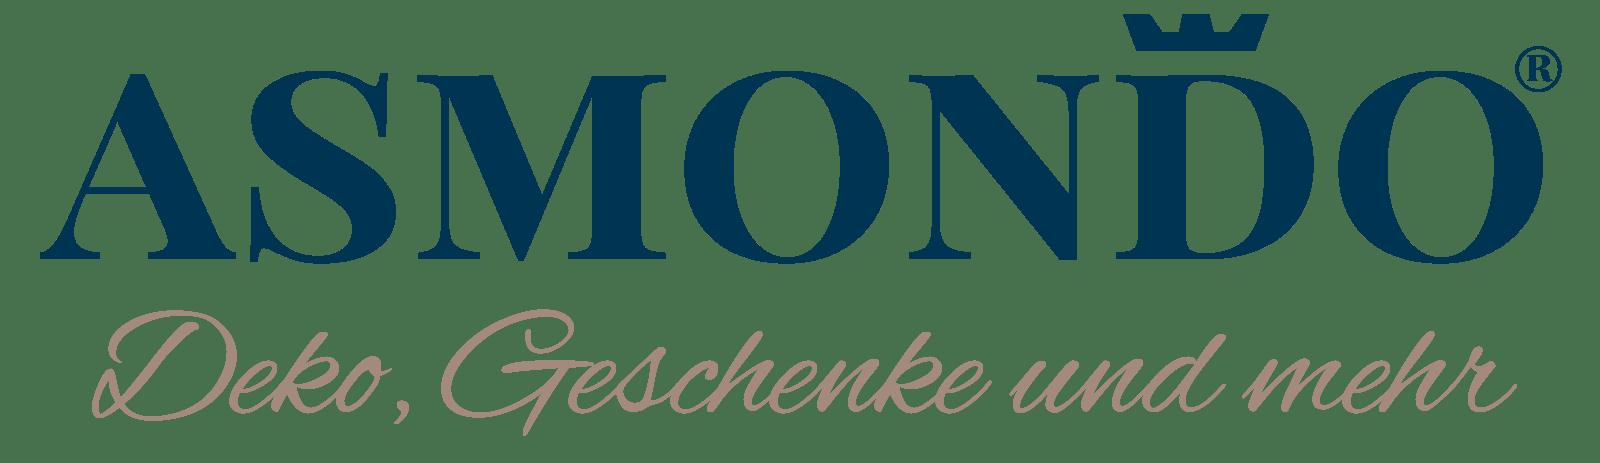 Asmondo – Deko, Geschenke und mehr